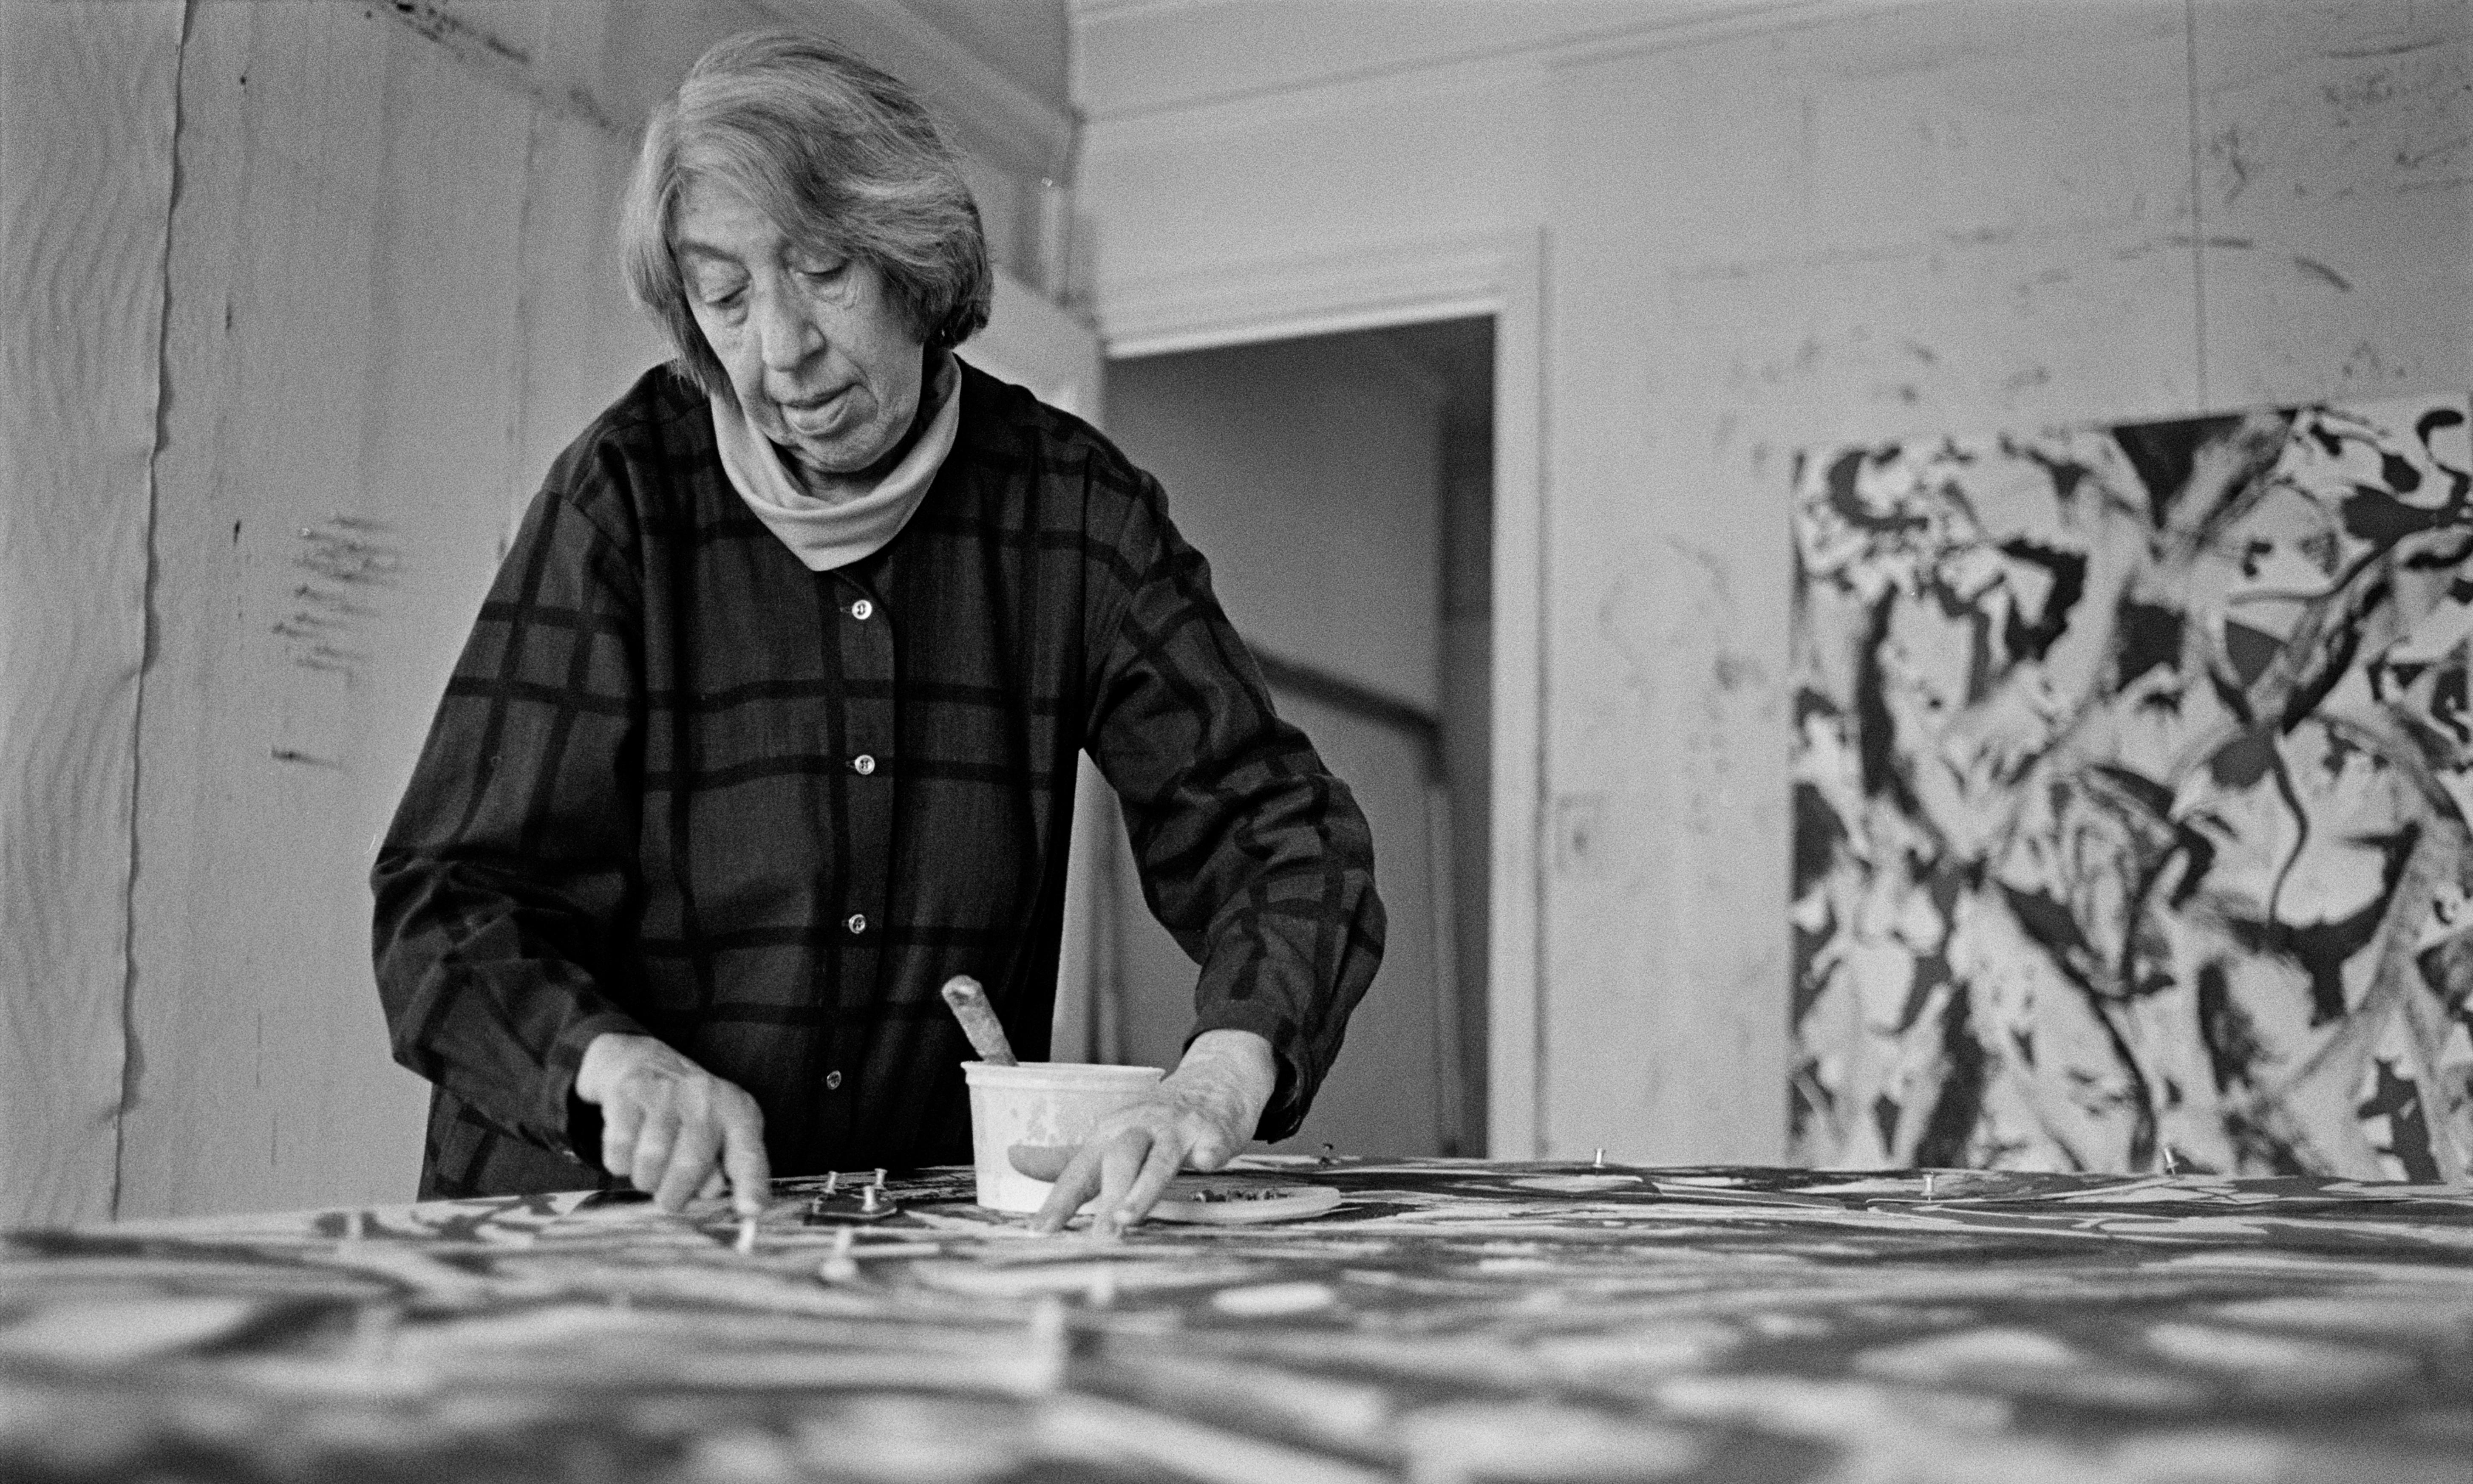 Lee Krasner was an artist, not just a wife